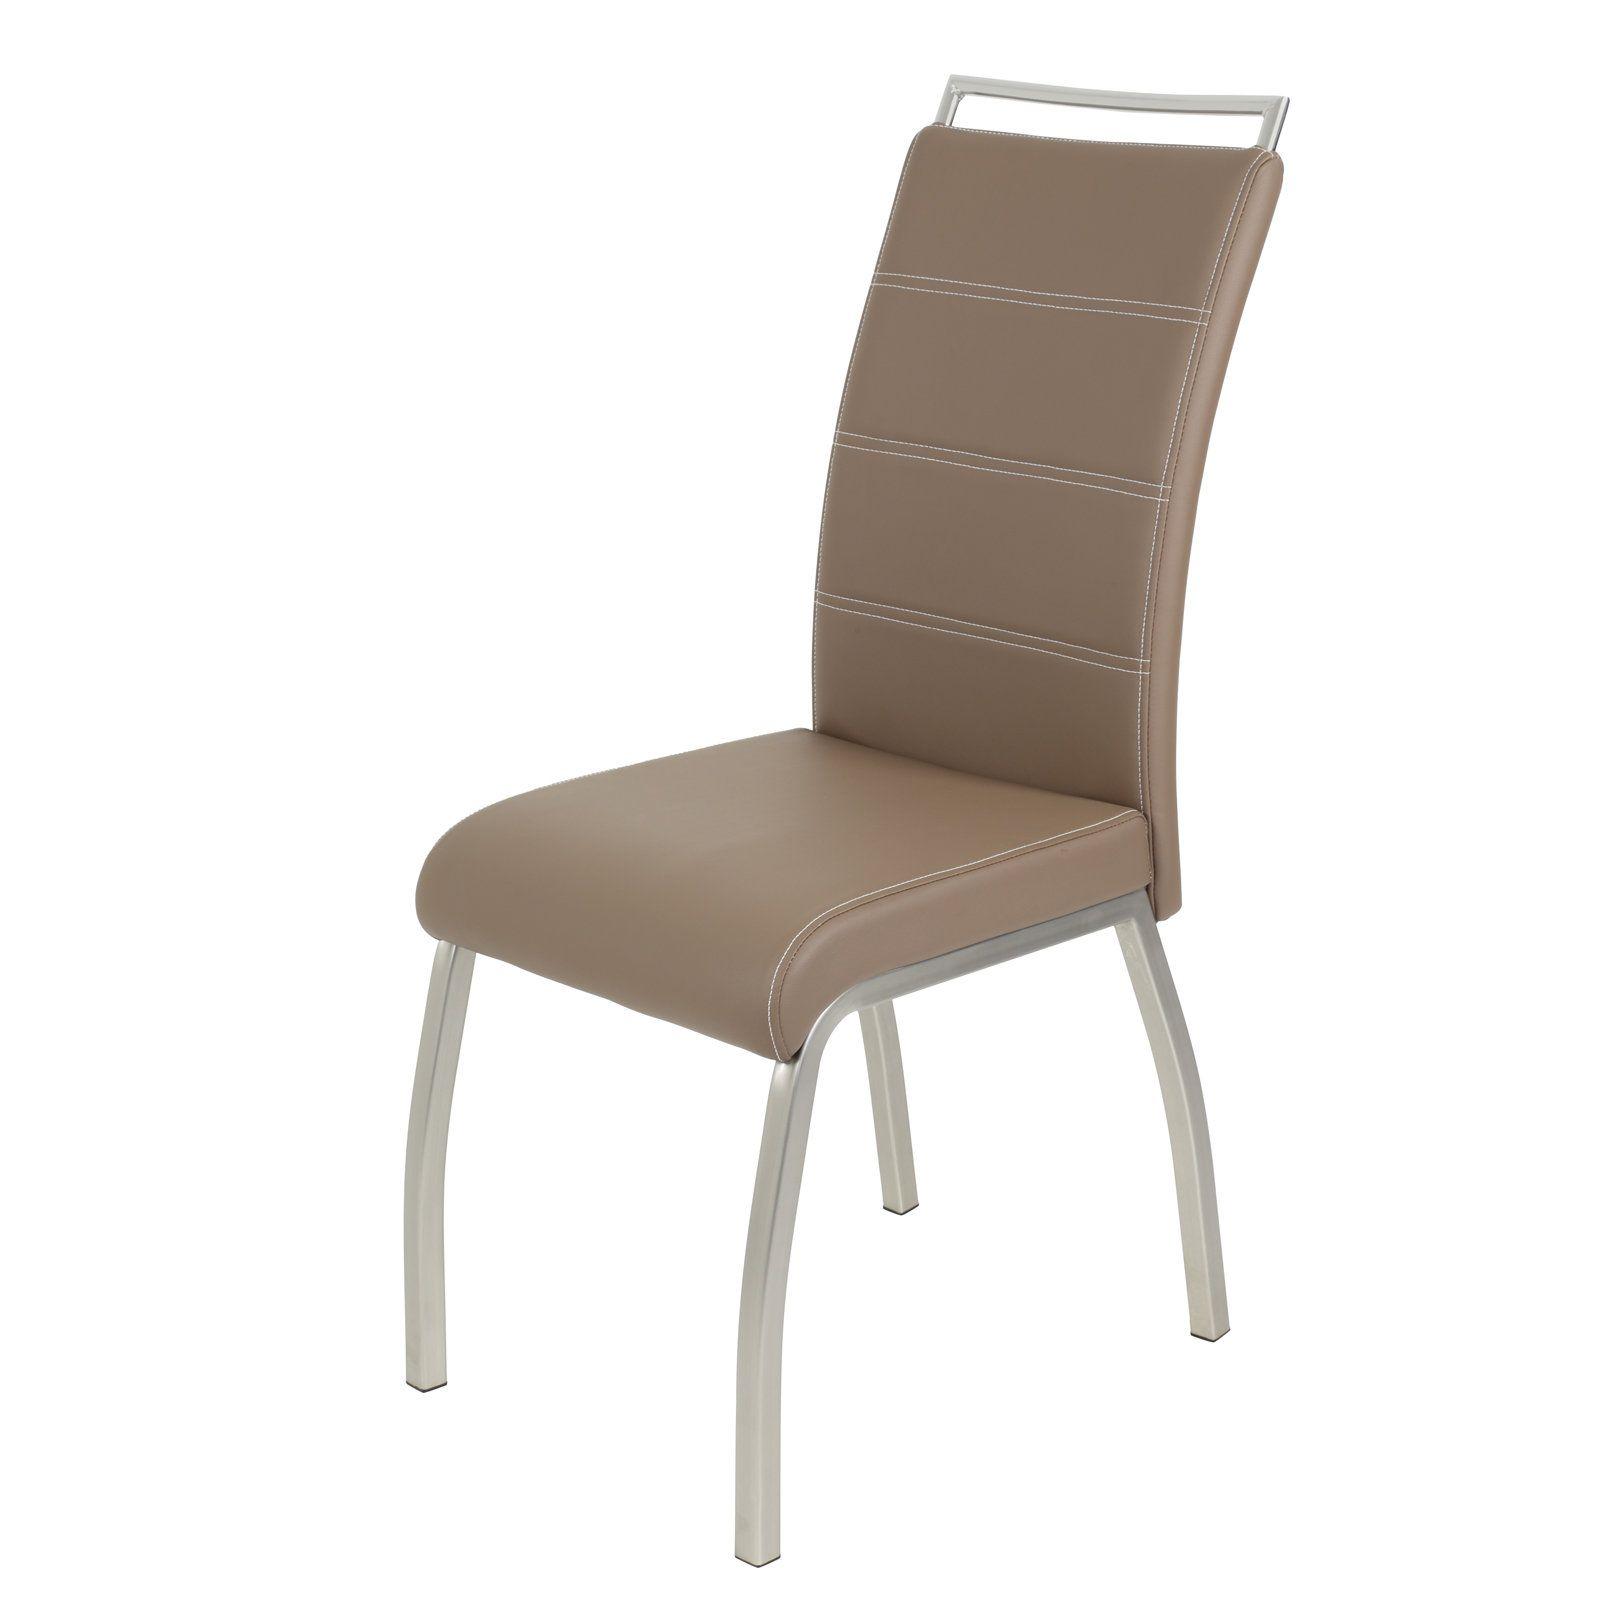 Alte Stühle Aufpeppen Frisch 20 Landhaus Stühle Gepolstert Schön